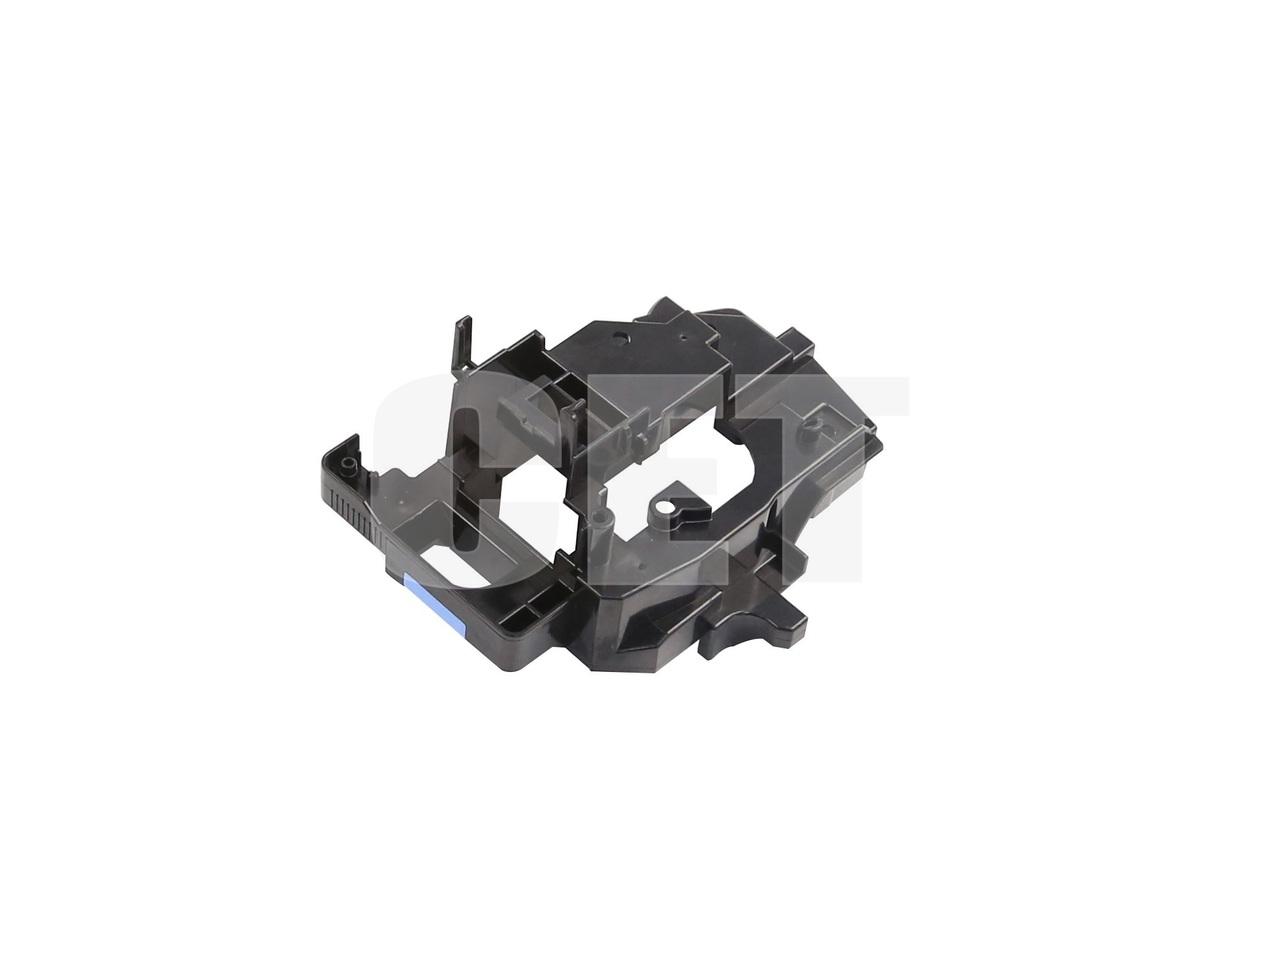 Крышка фьюзера RC4-7257-000 для HP LaserJet EnterpriseM607dn/608dn/609dn, MFP M631dn/632h (CET), CET371004